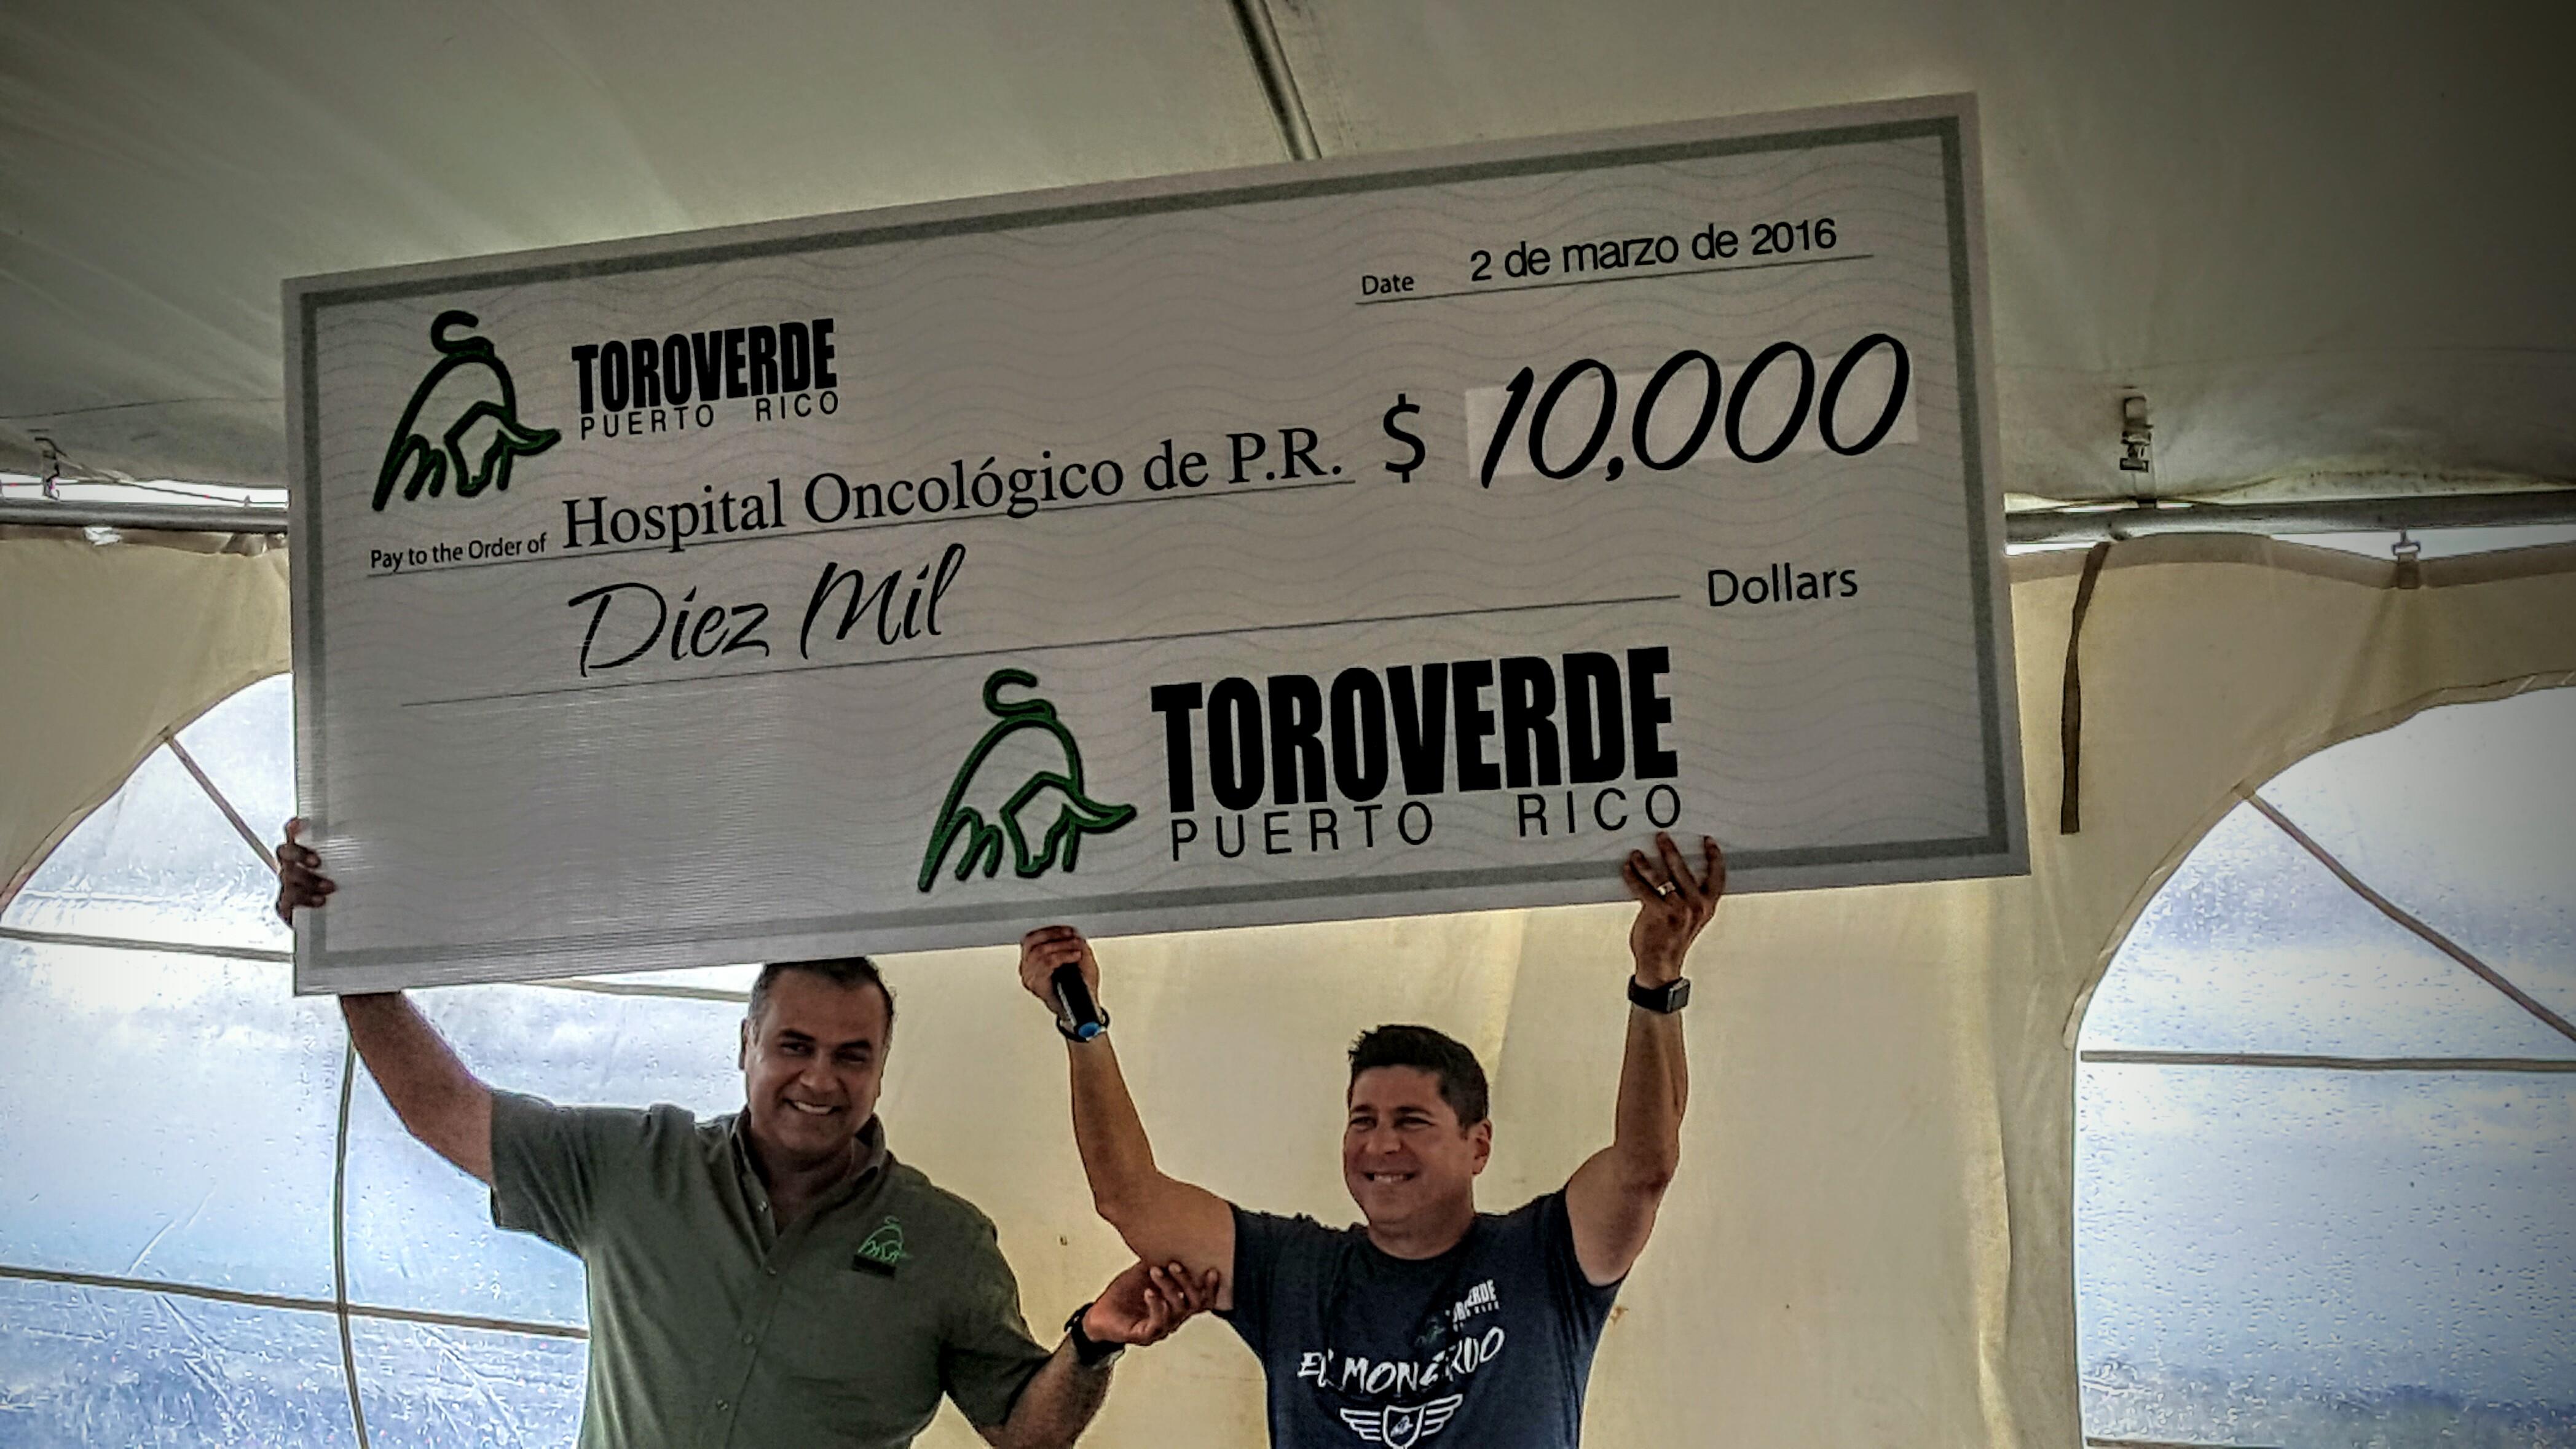 Toro Verde hace donación de $10,000